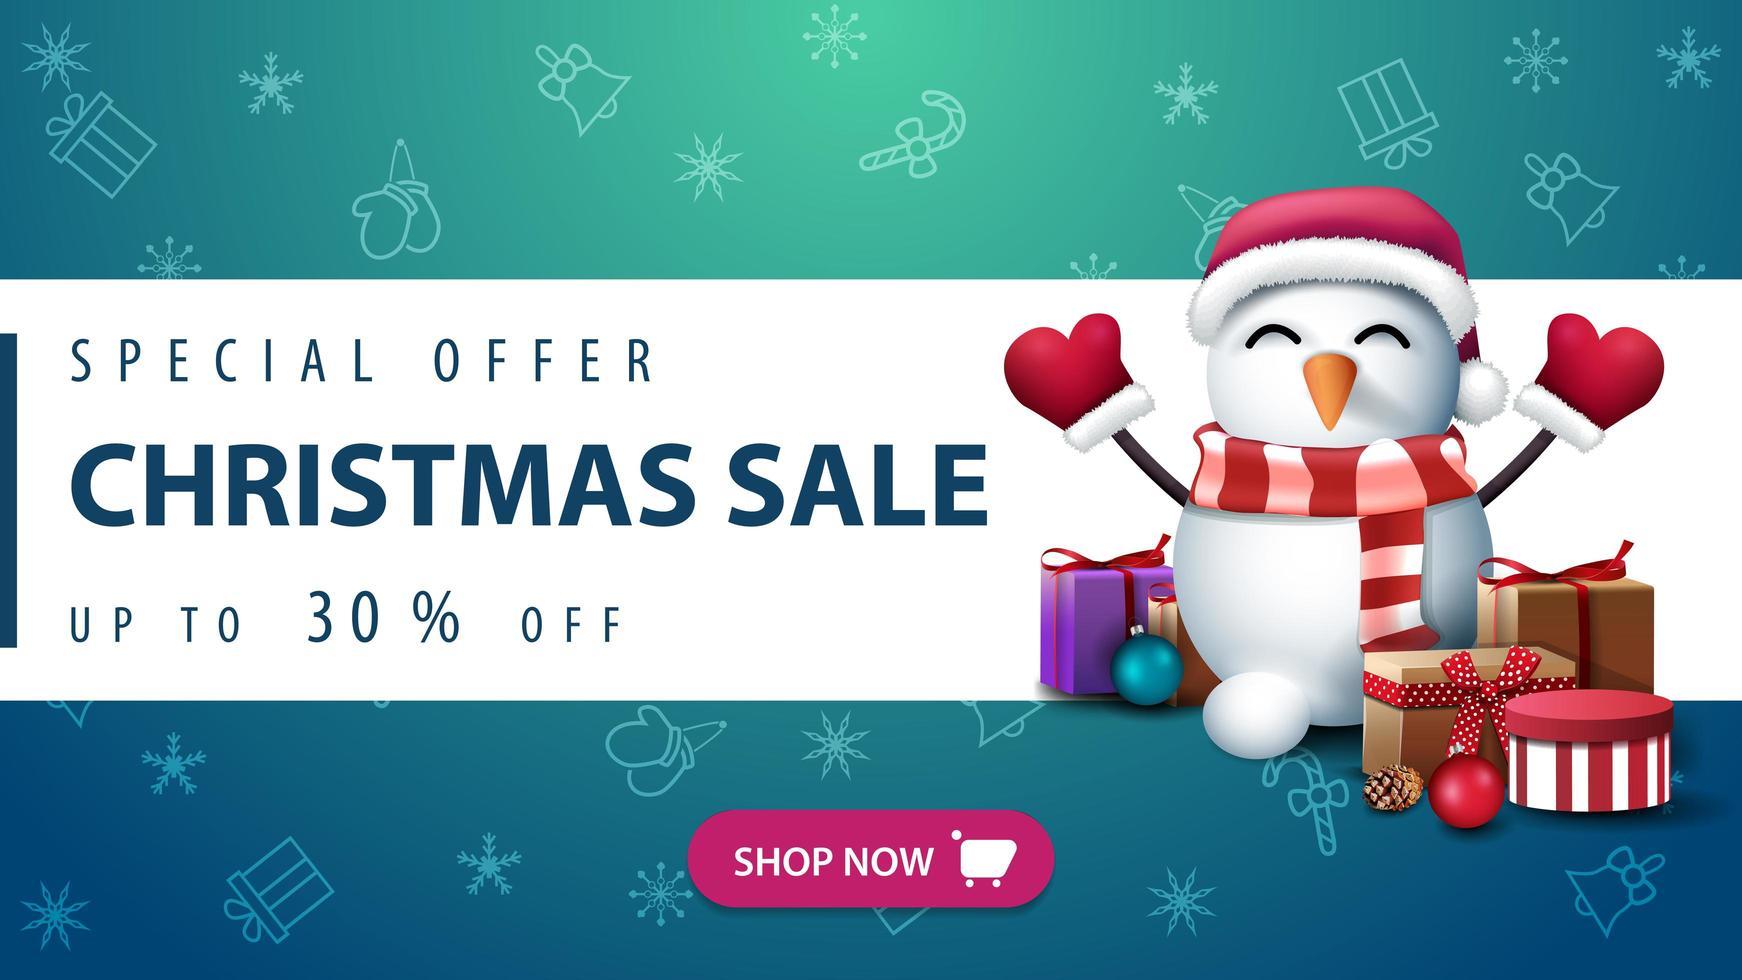 bannière avec motif de Noël et bonhomme de neige vecteur